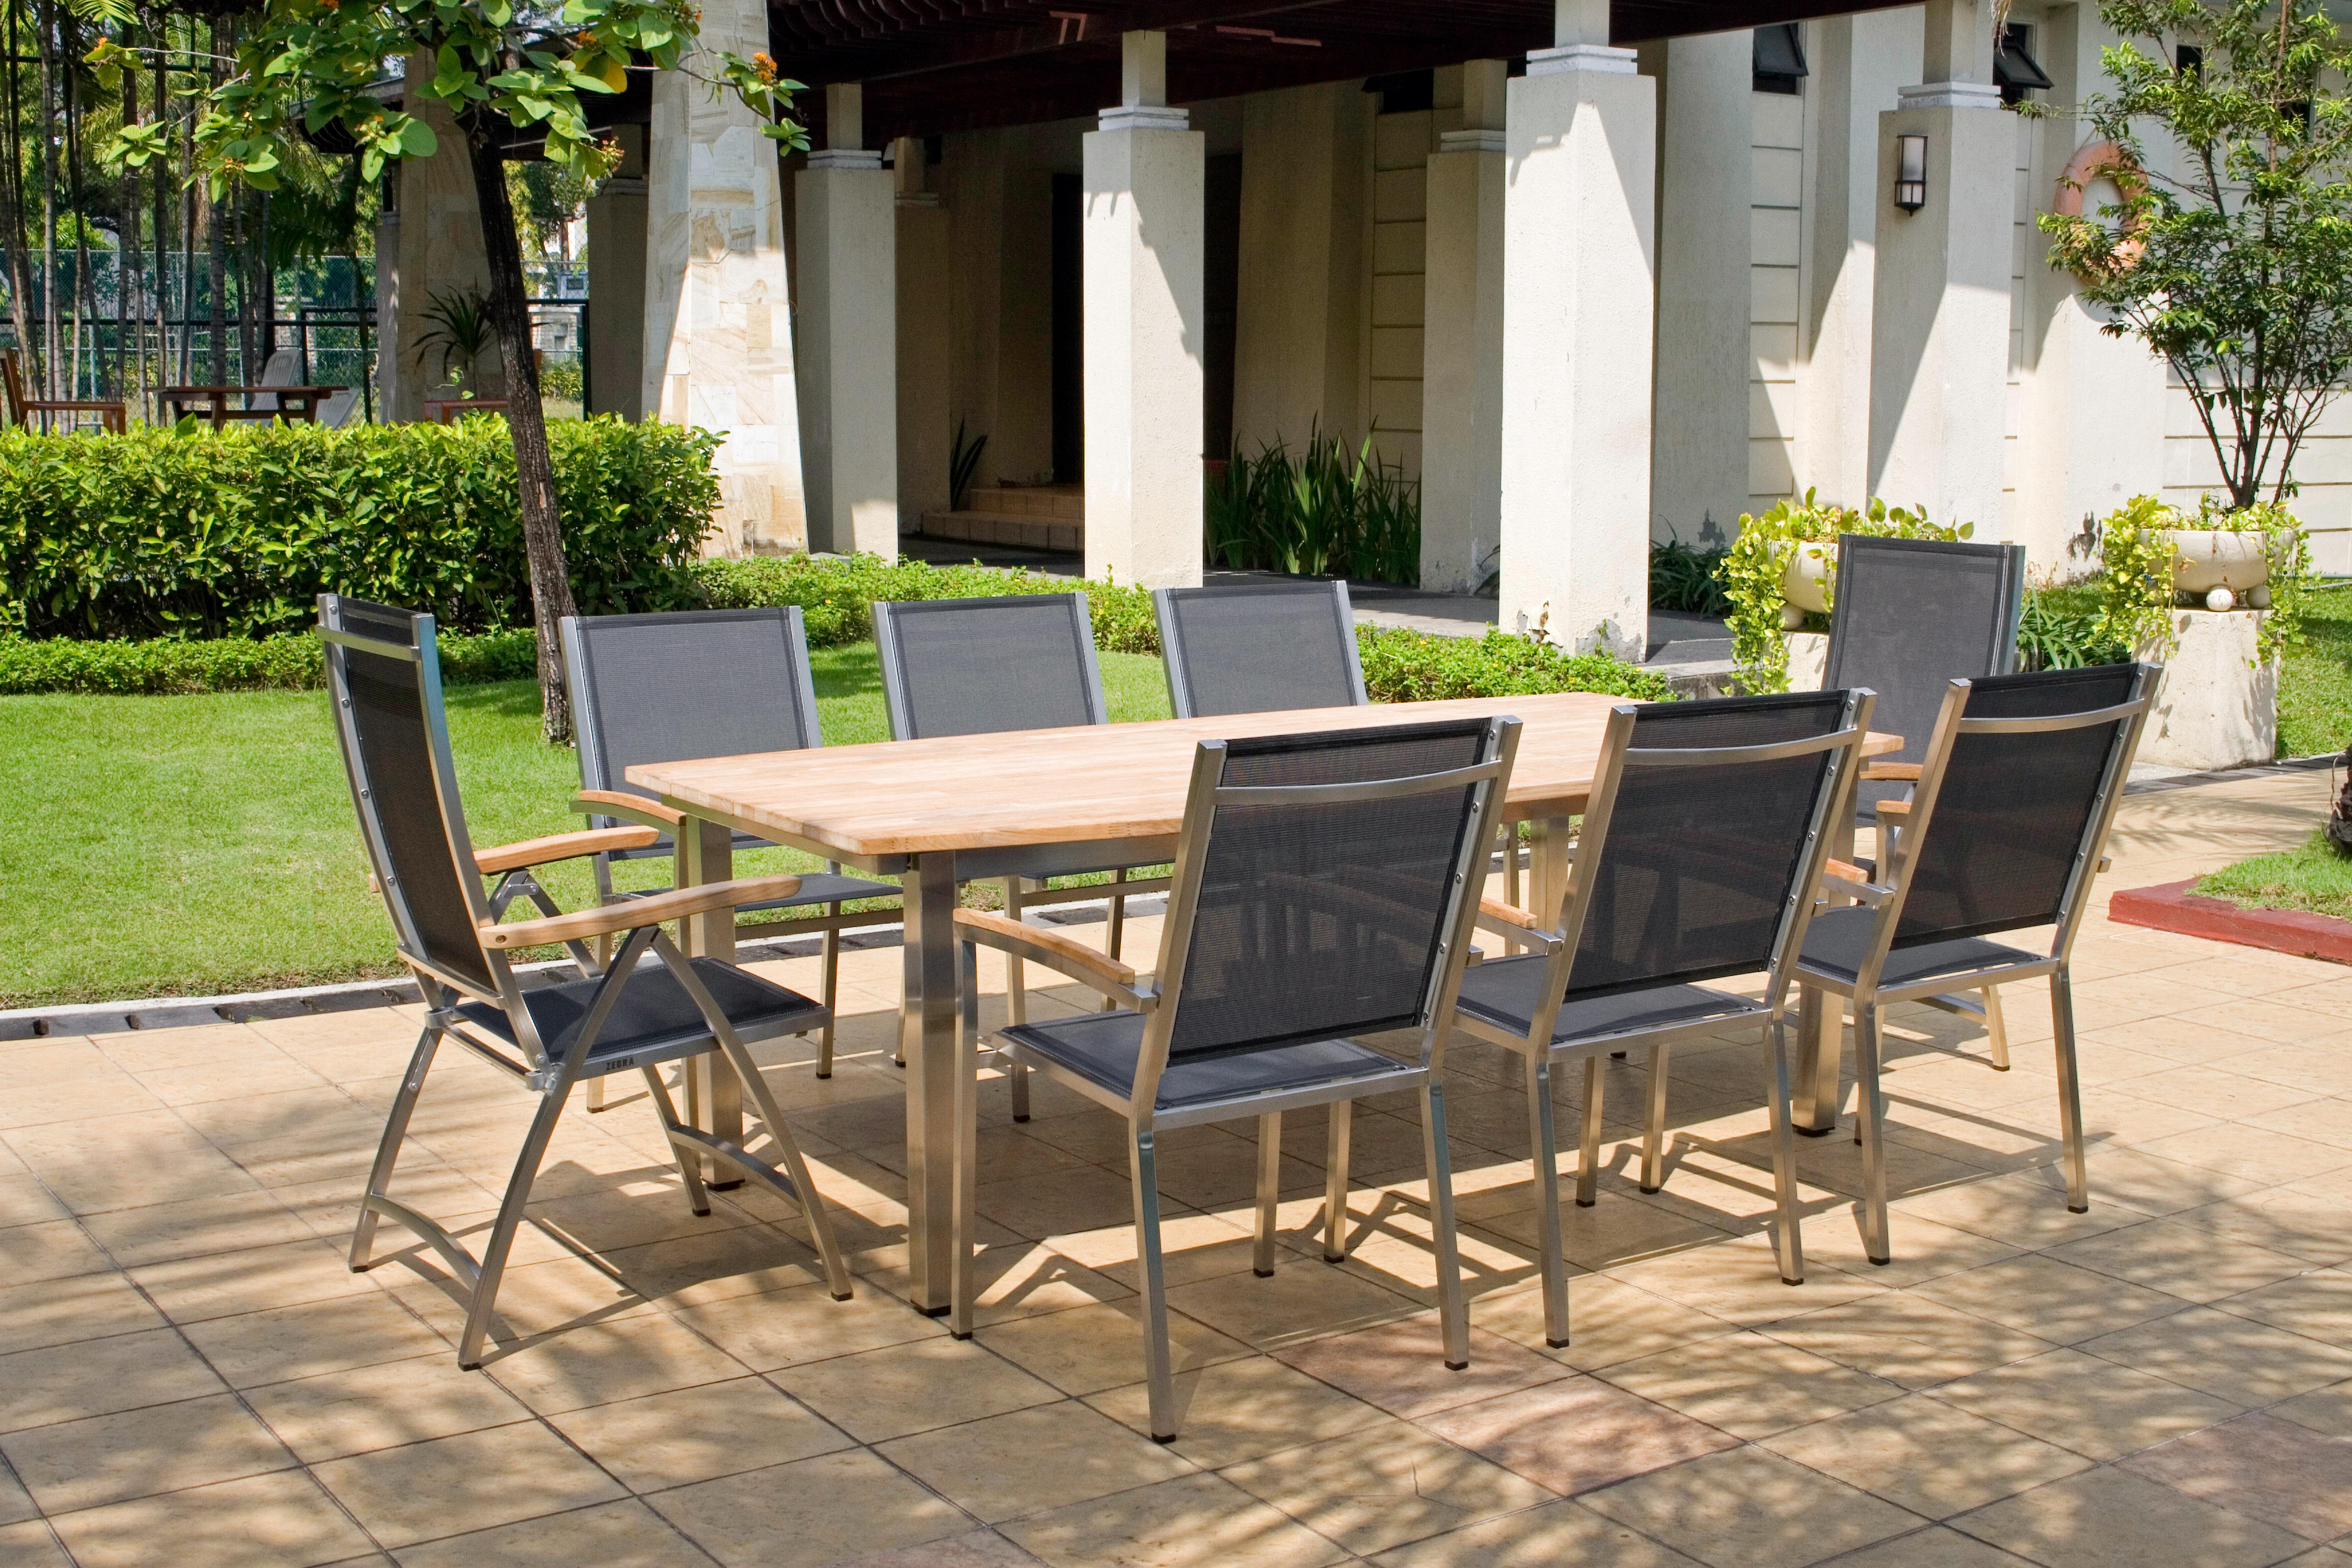 Zebra Gartenmöbel-Set Ocean-Pontiac: Die Dekoration gehört nicht zum Lieferumfang.